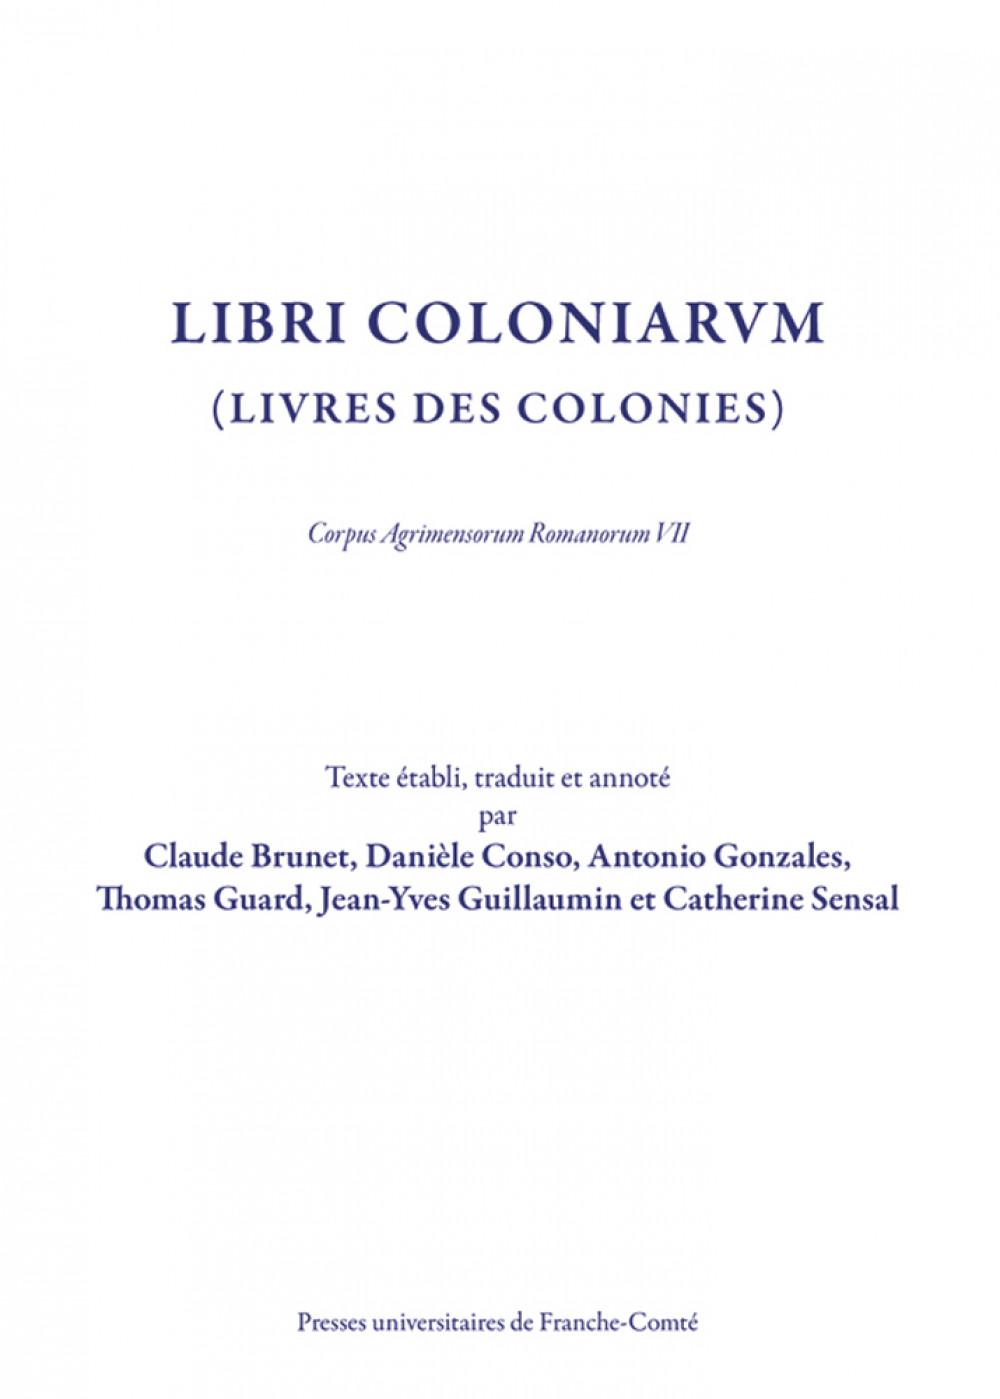 Libri Coloniarum